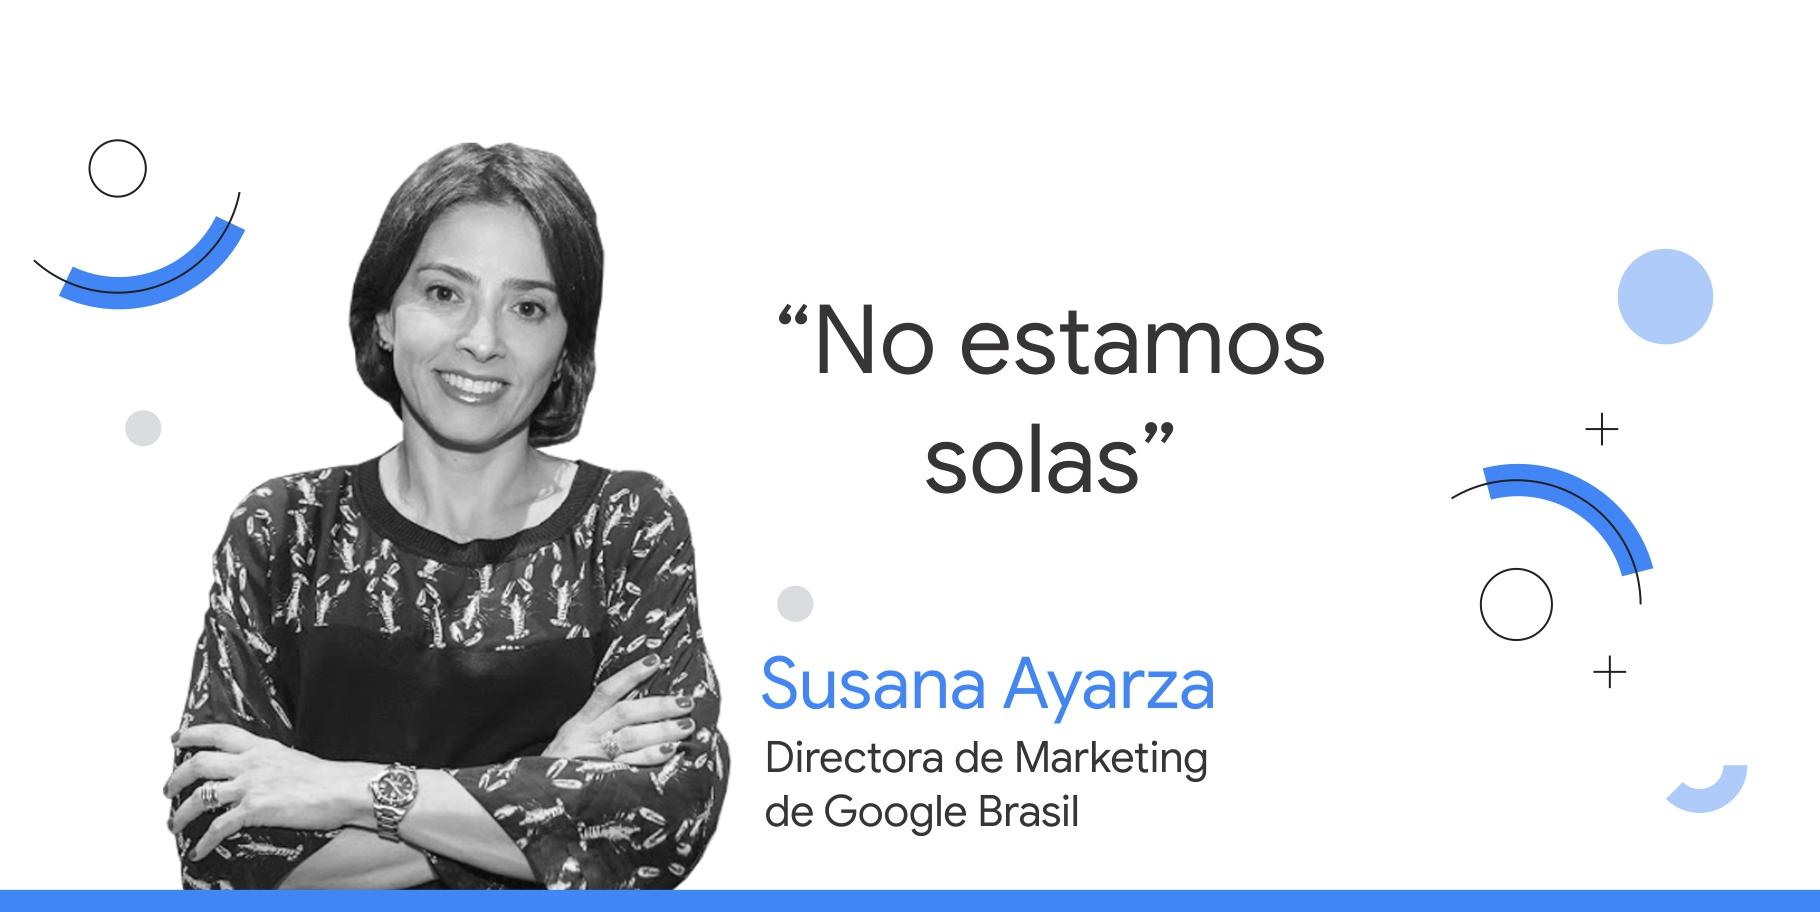 """foto en blanco y negro de Susana Ayarza, directora de Marketing de Google Brasil, junto al consejo que dice: """"No estamos solas""""."""